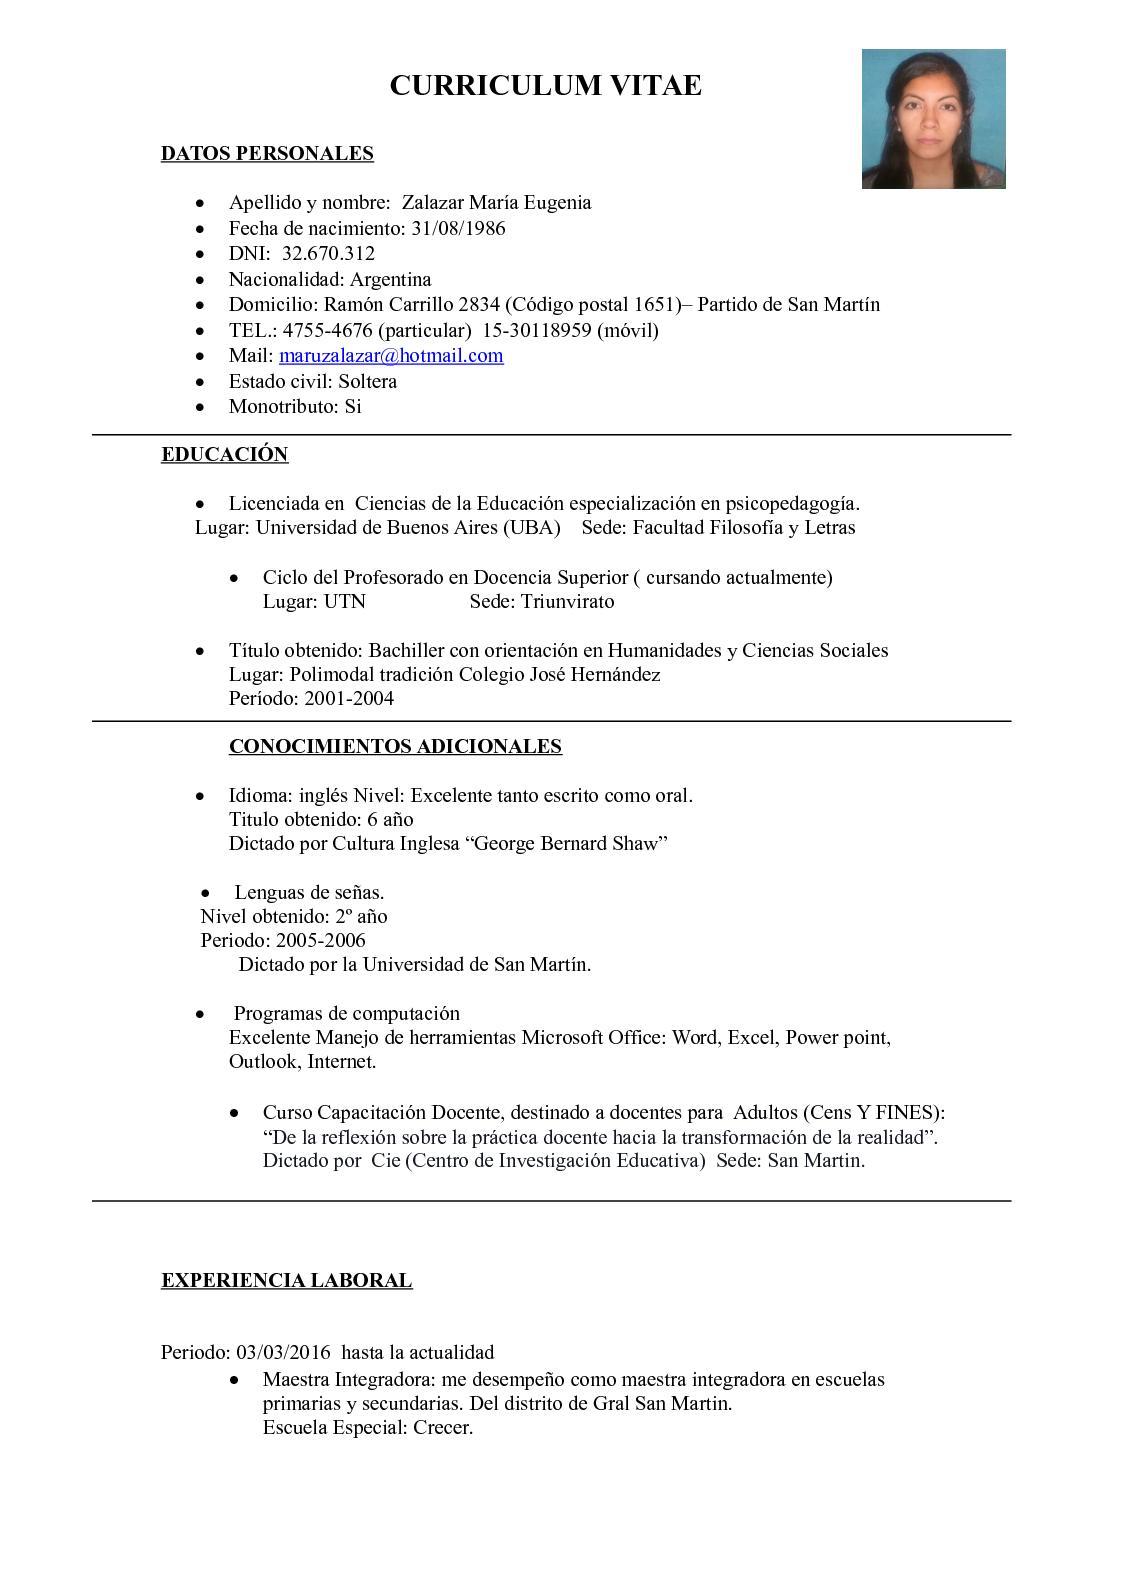 Calaméo - CV Zalazar M. Eugenia 1